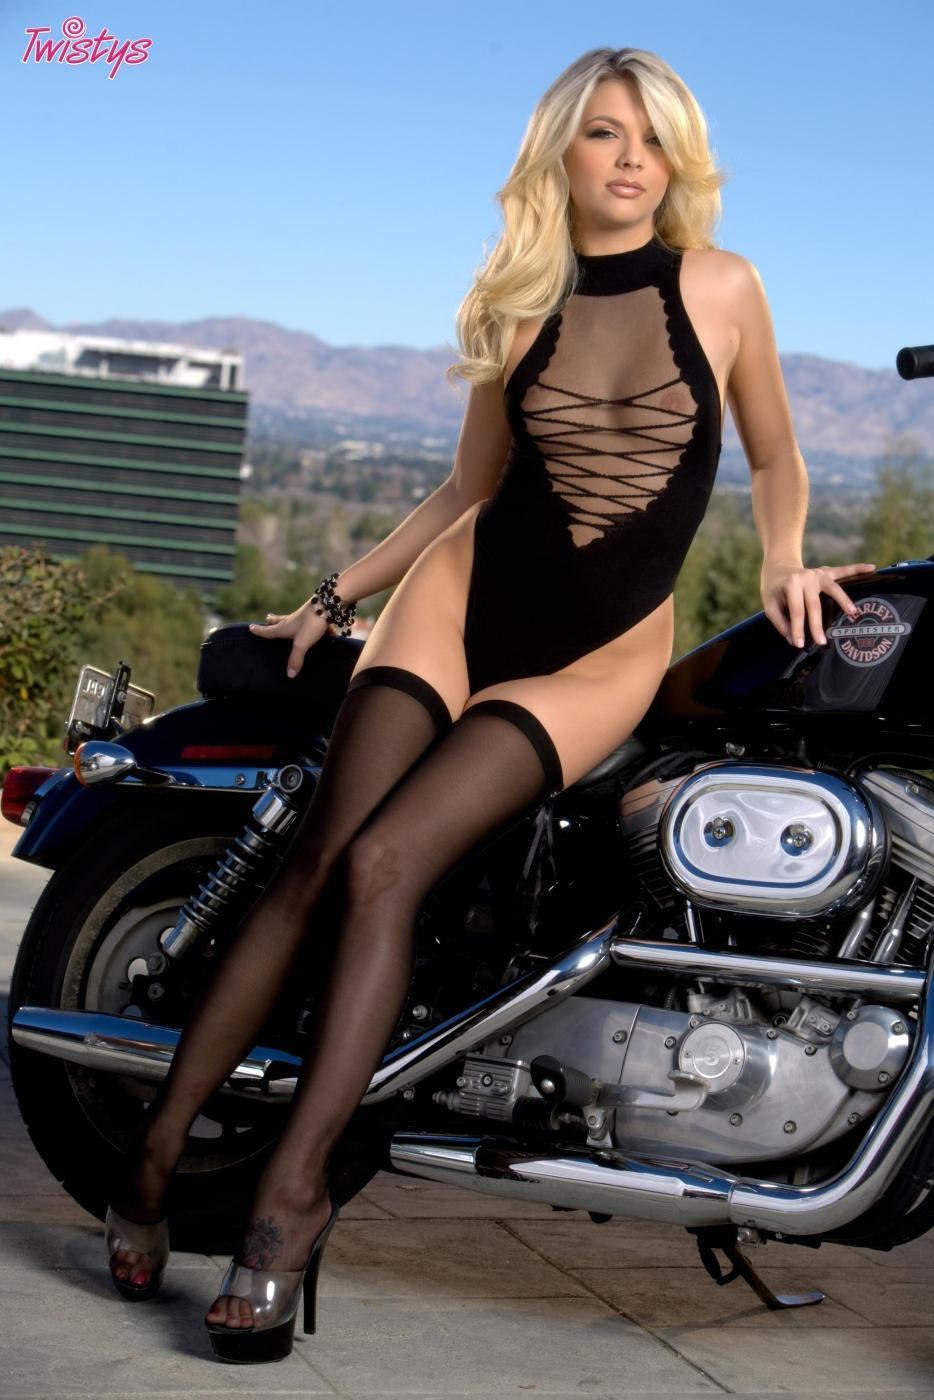 Милая светлая порноактриса Jana Jordan снимает одежду рядом с мотоциклом